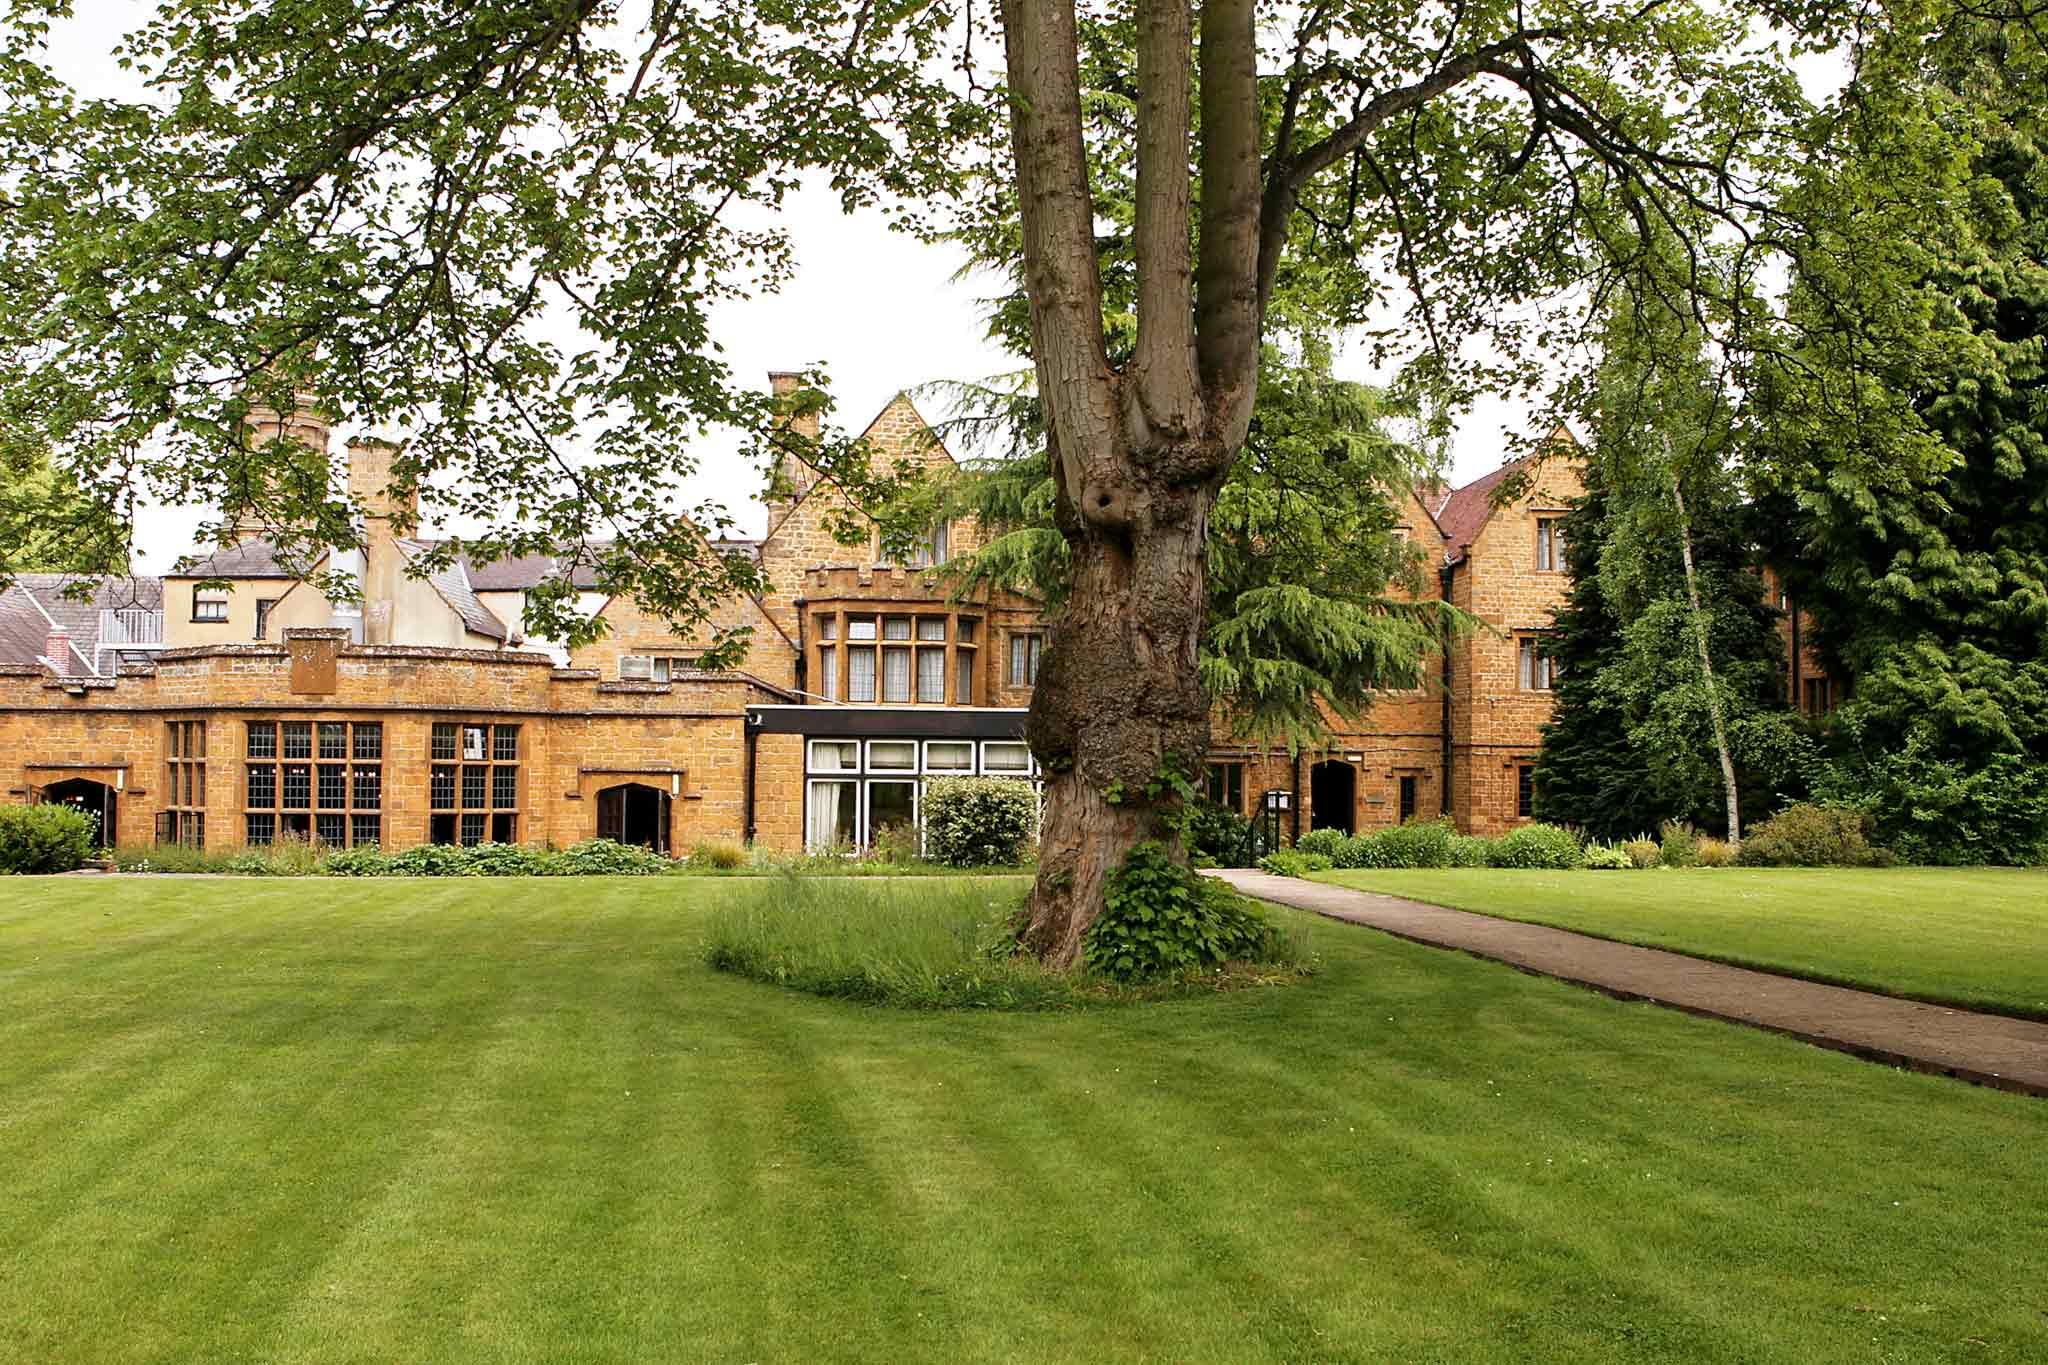 Hotels Near Warwickshire Exhibition Centre